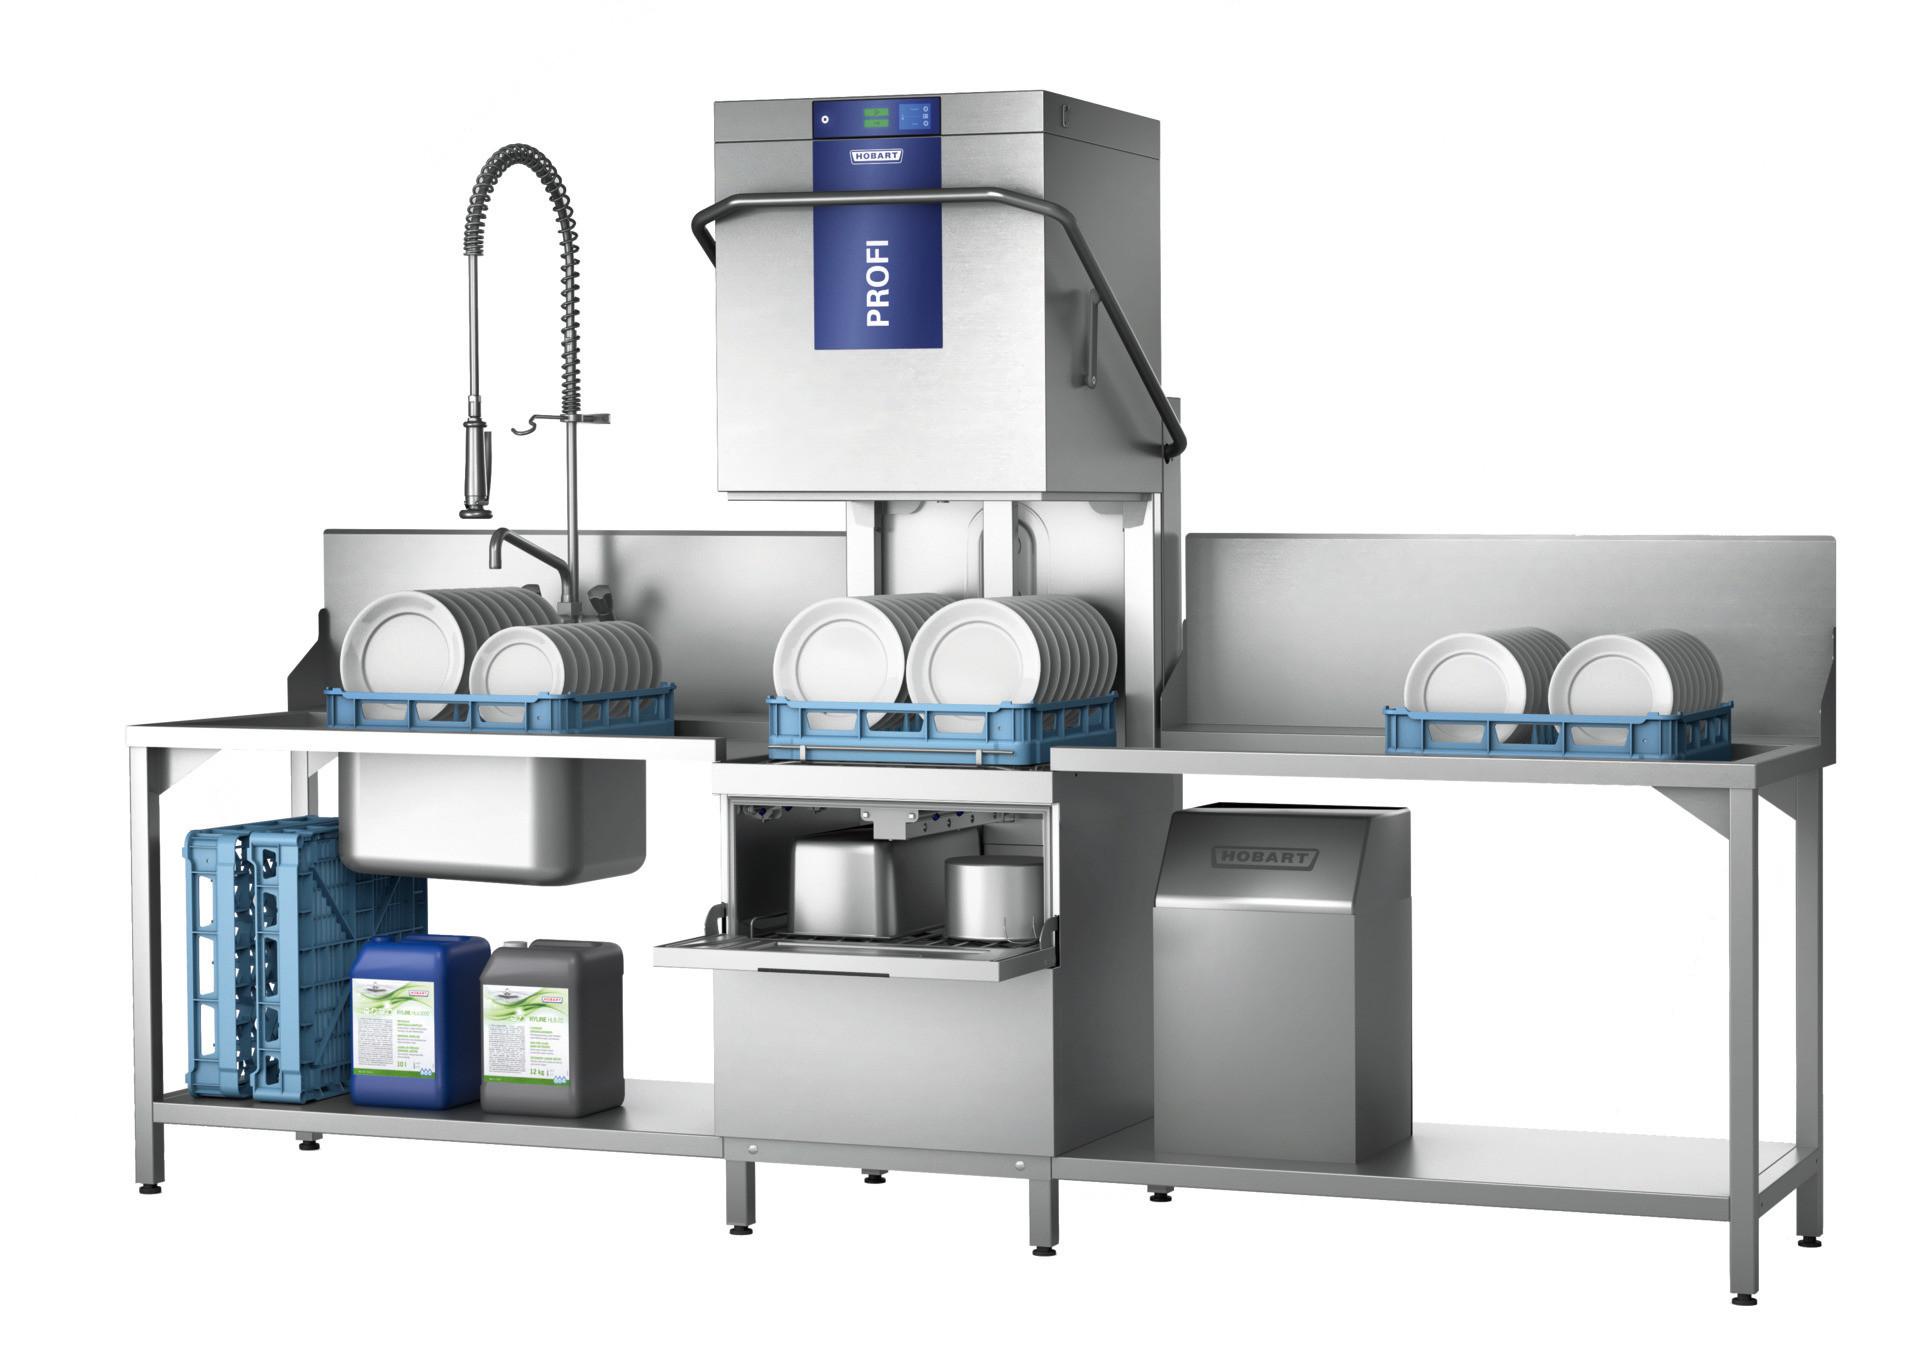 Durchschubspülmaschine PROFI Two-Level-Washer-10A / 500 x 500 mm